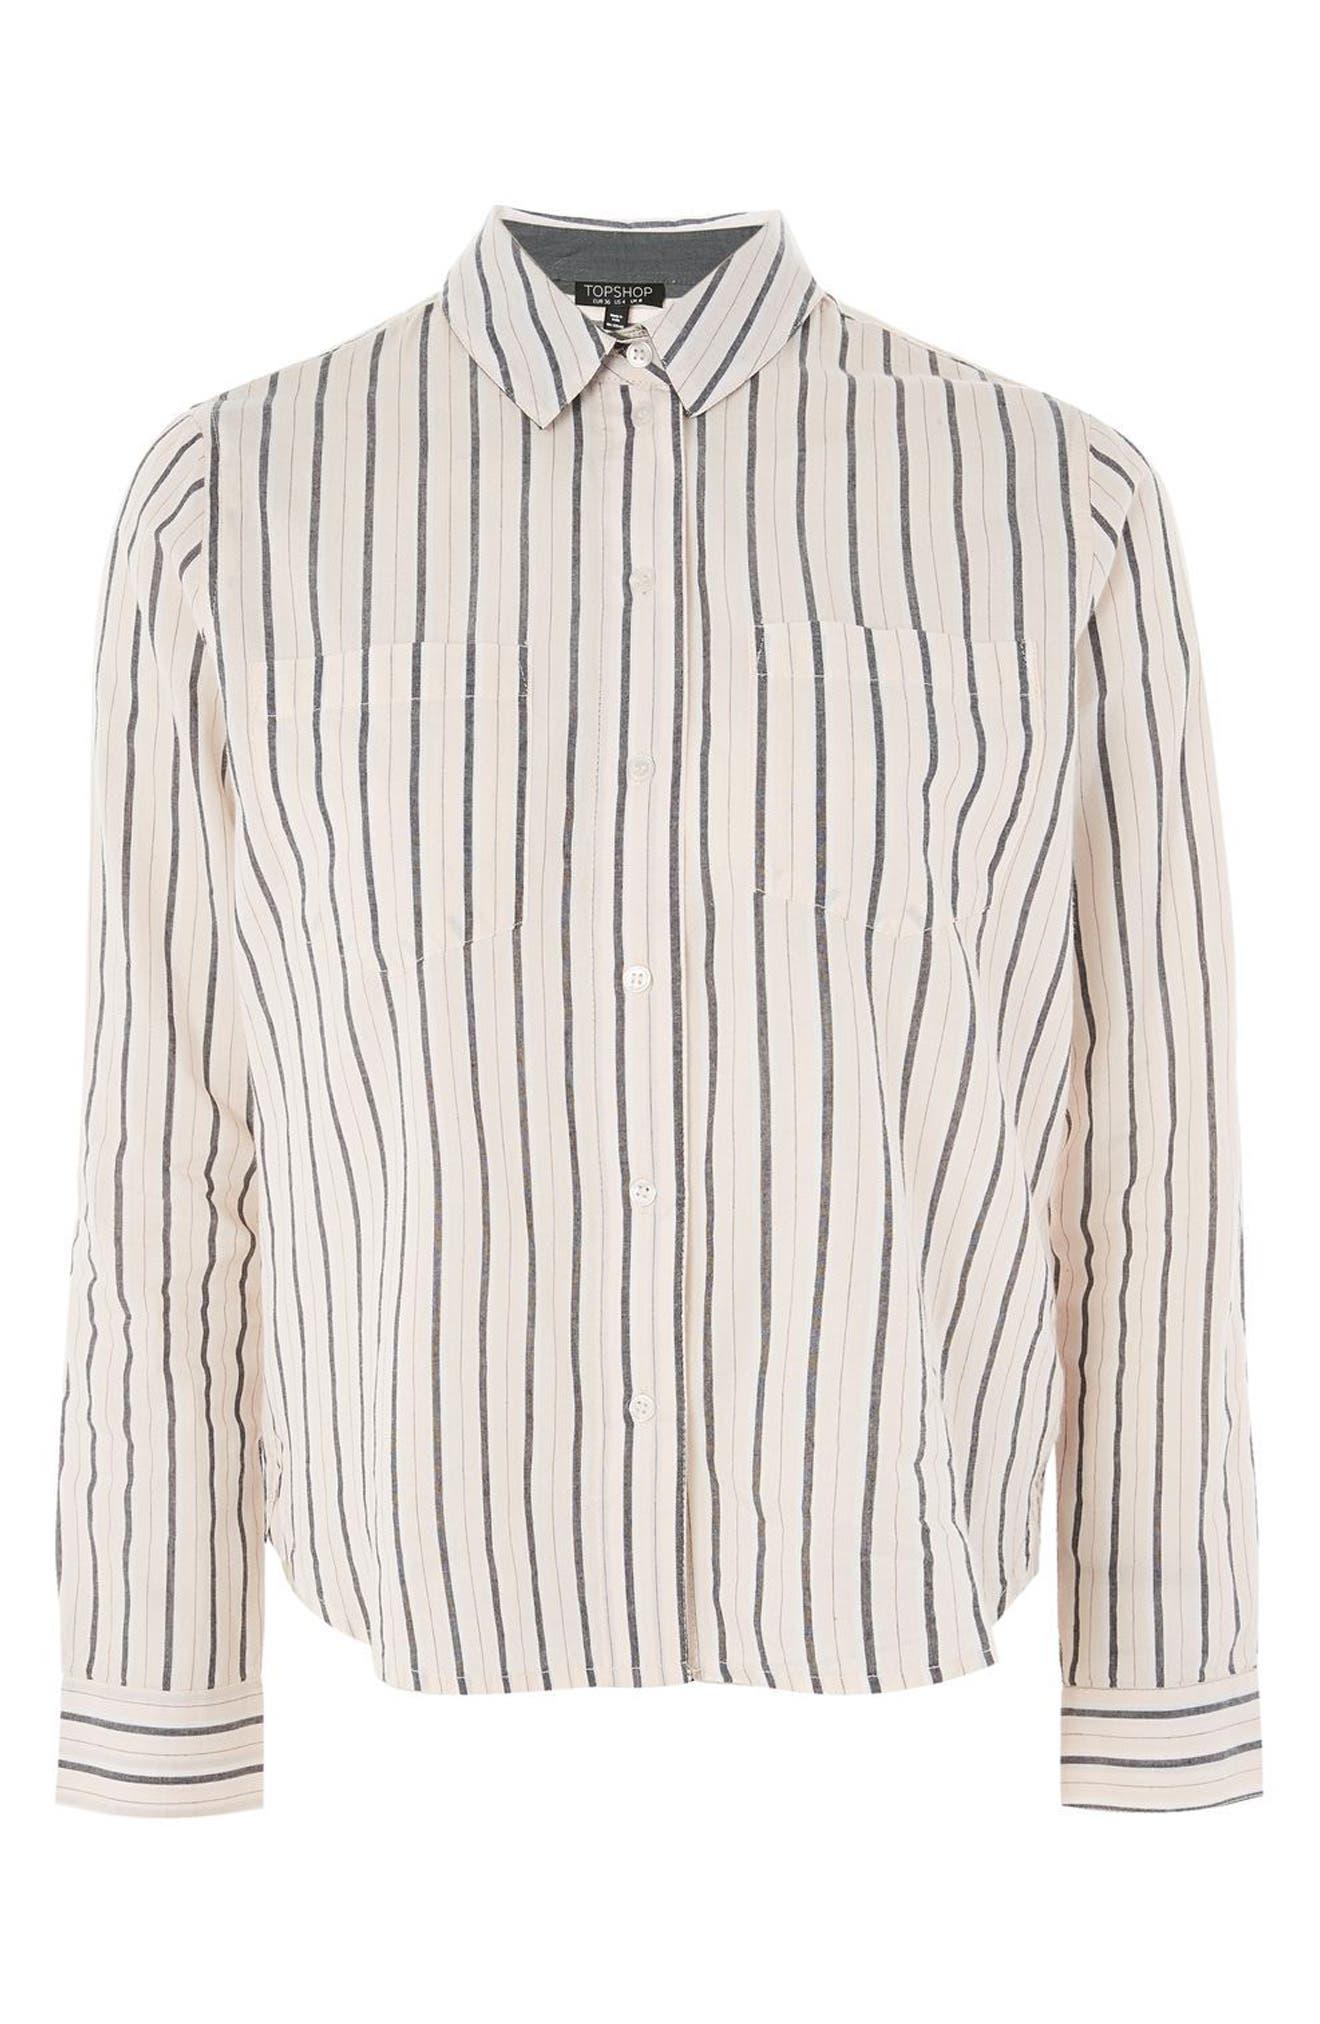 Stripe Shirt,                             Alternate thumbnail 3, color,                             Pink Multi